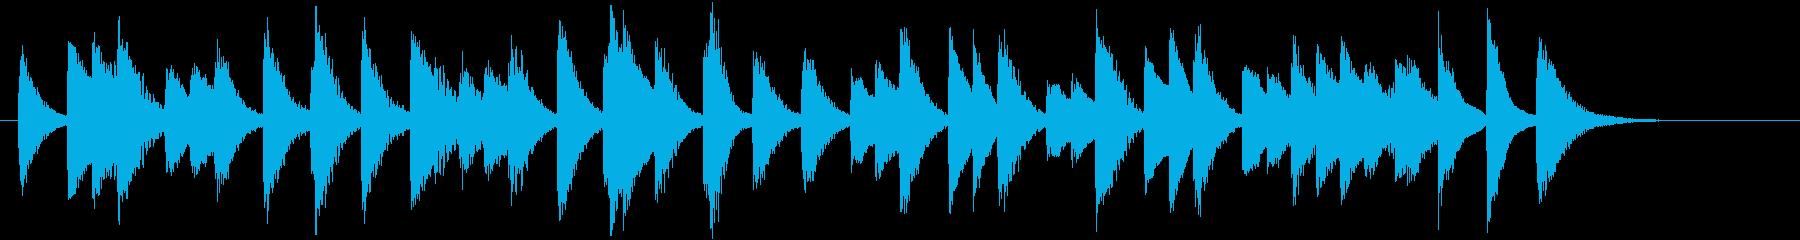 四季より「冬」モチーフのピアノジングルBの再生済みの波形